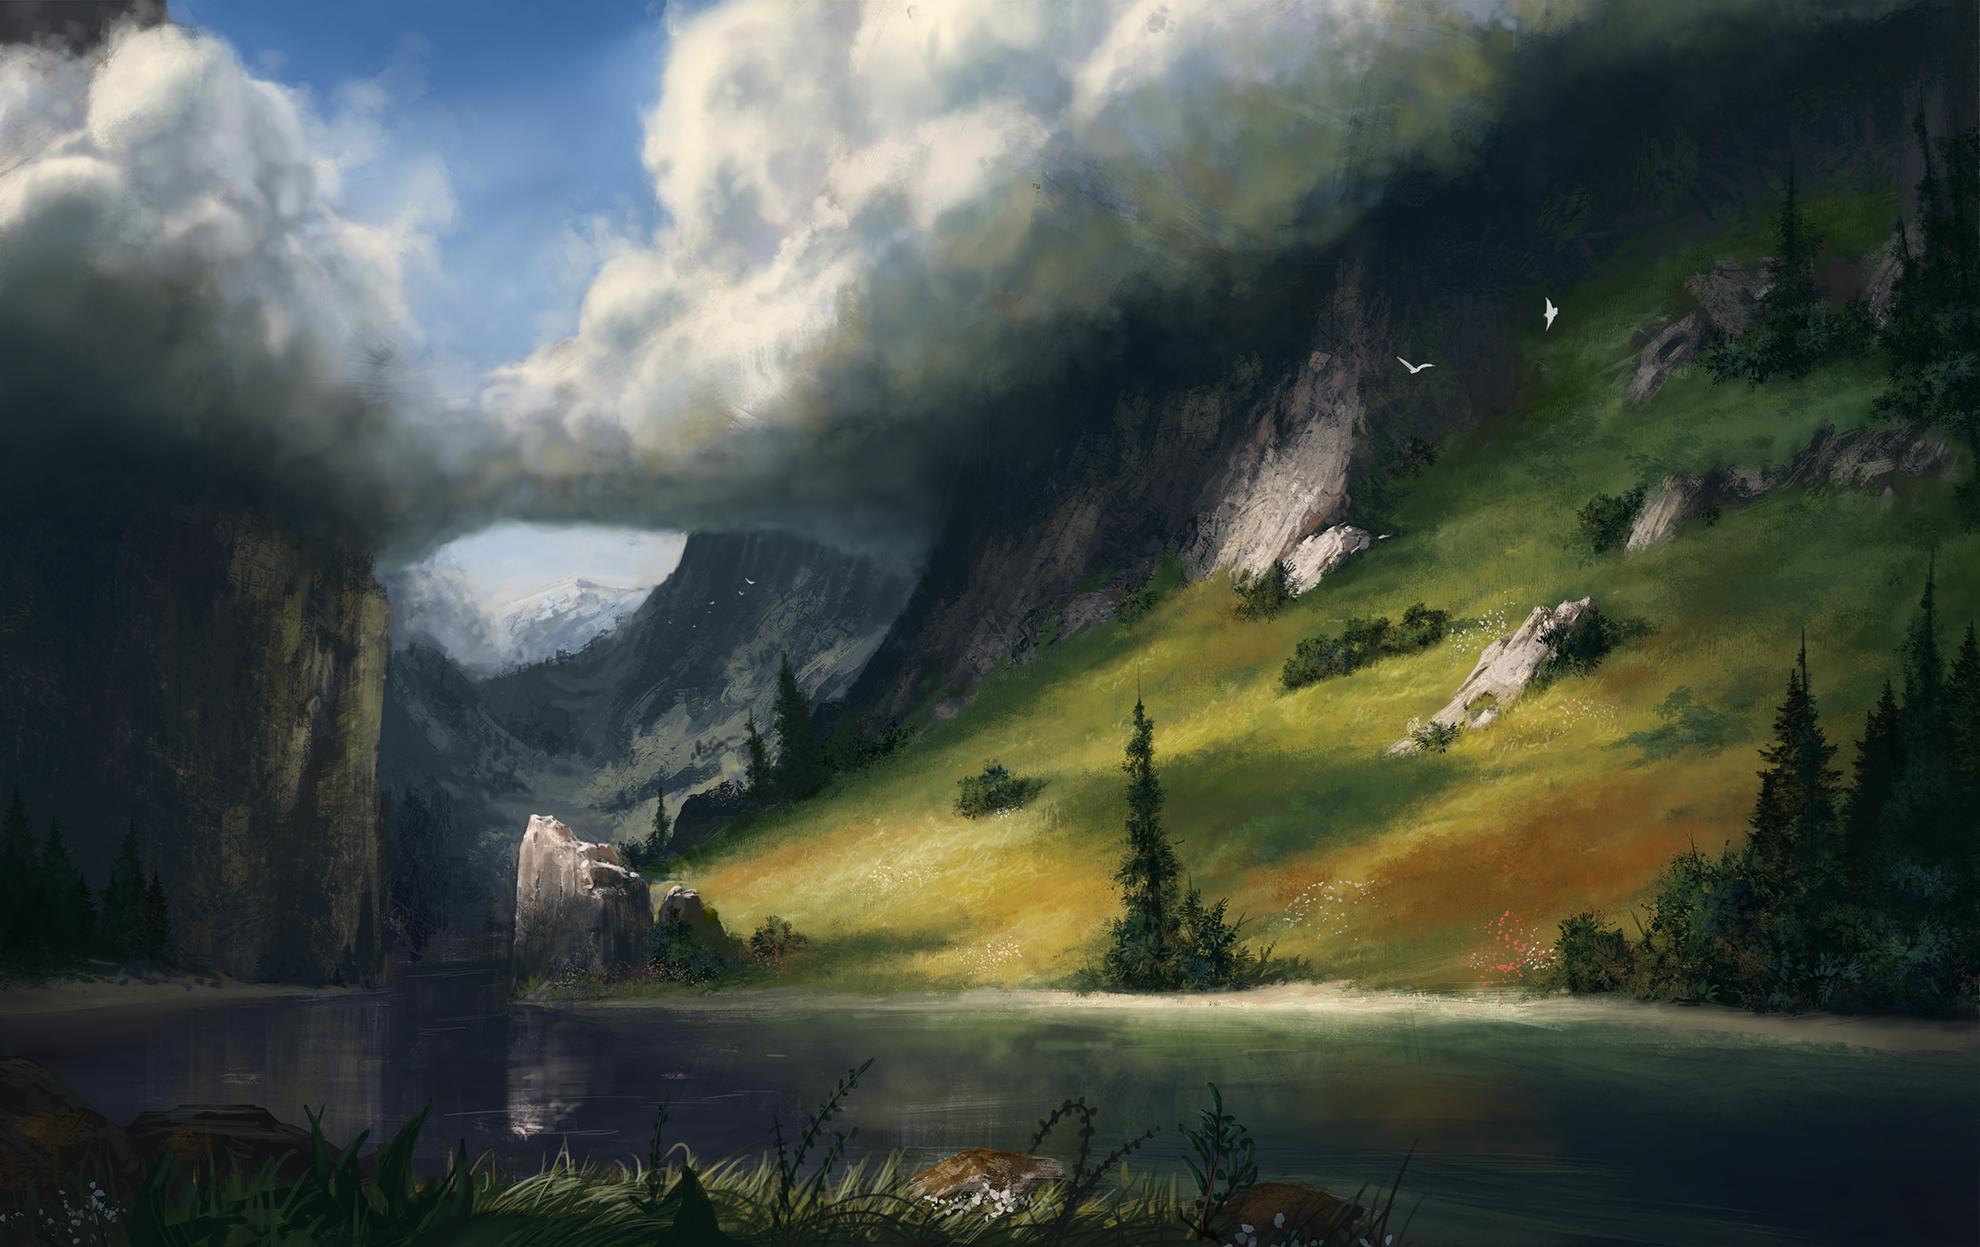 Just a lake by LukasBanas